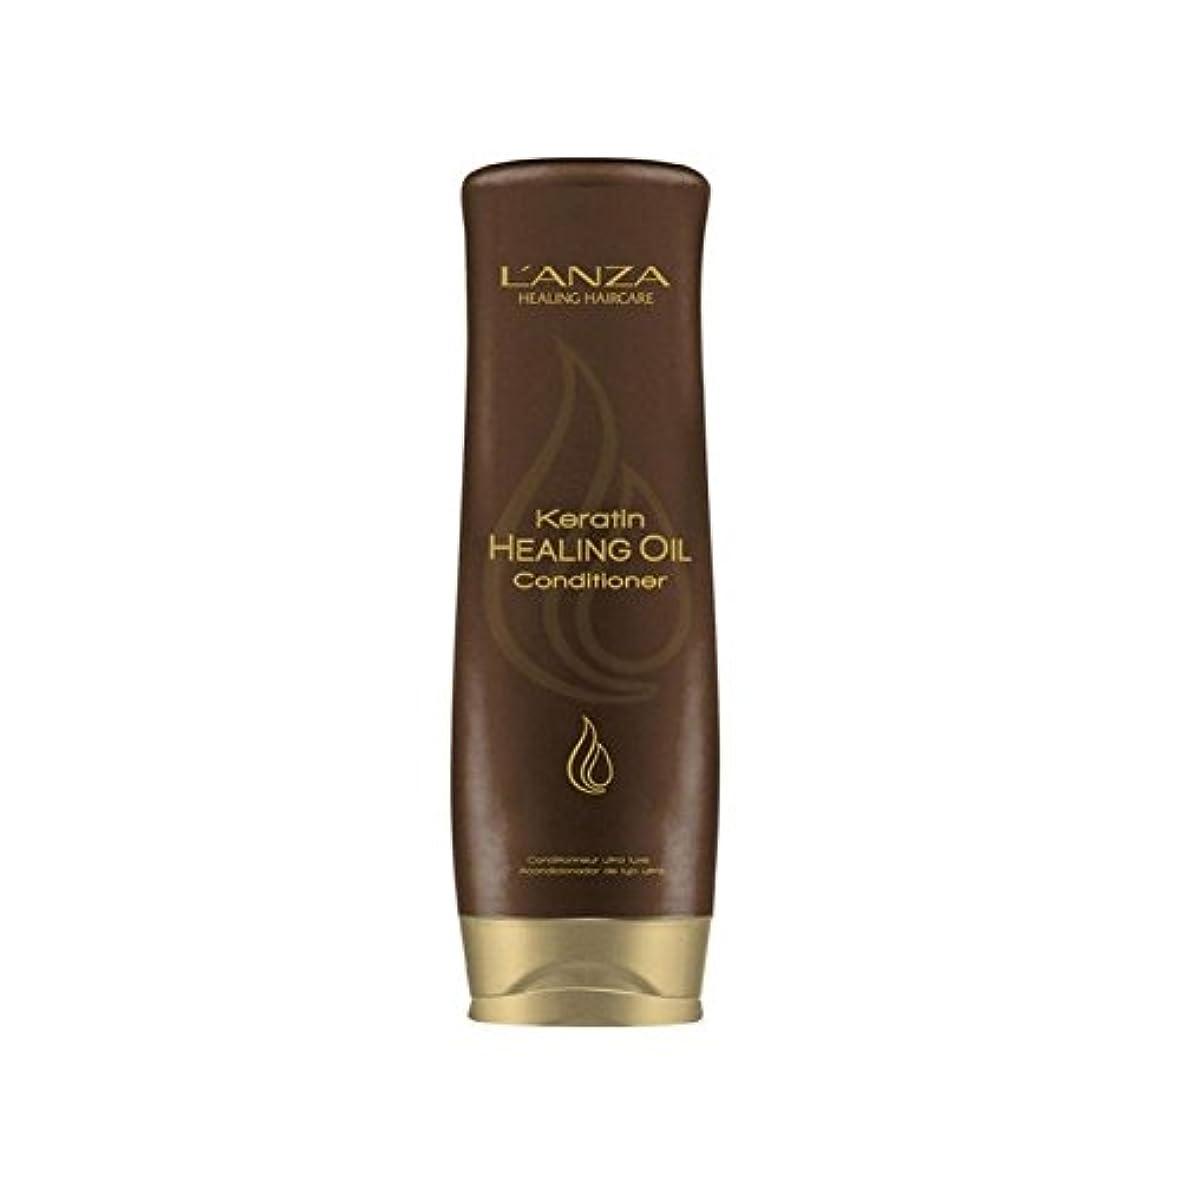 撤回する推論ナンセンスL'Anza Keratin Healing Oil Conditioner (250ml) - アンザケラチンオイルコンディショナー(250ミリリットル)を癒し [並行輸入品]